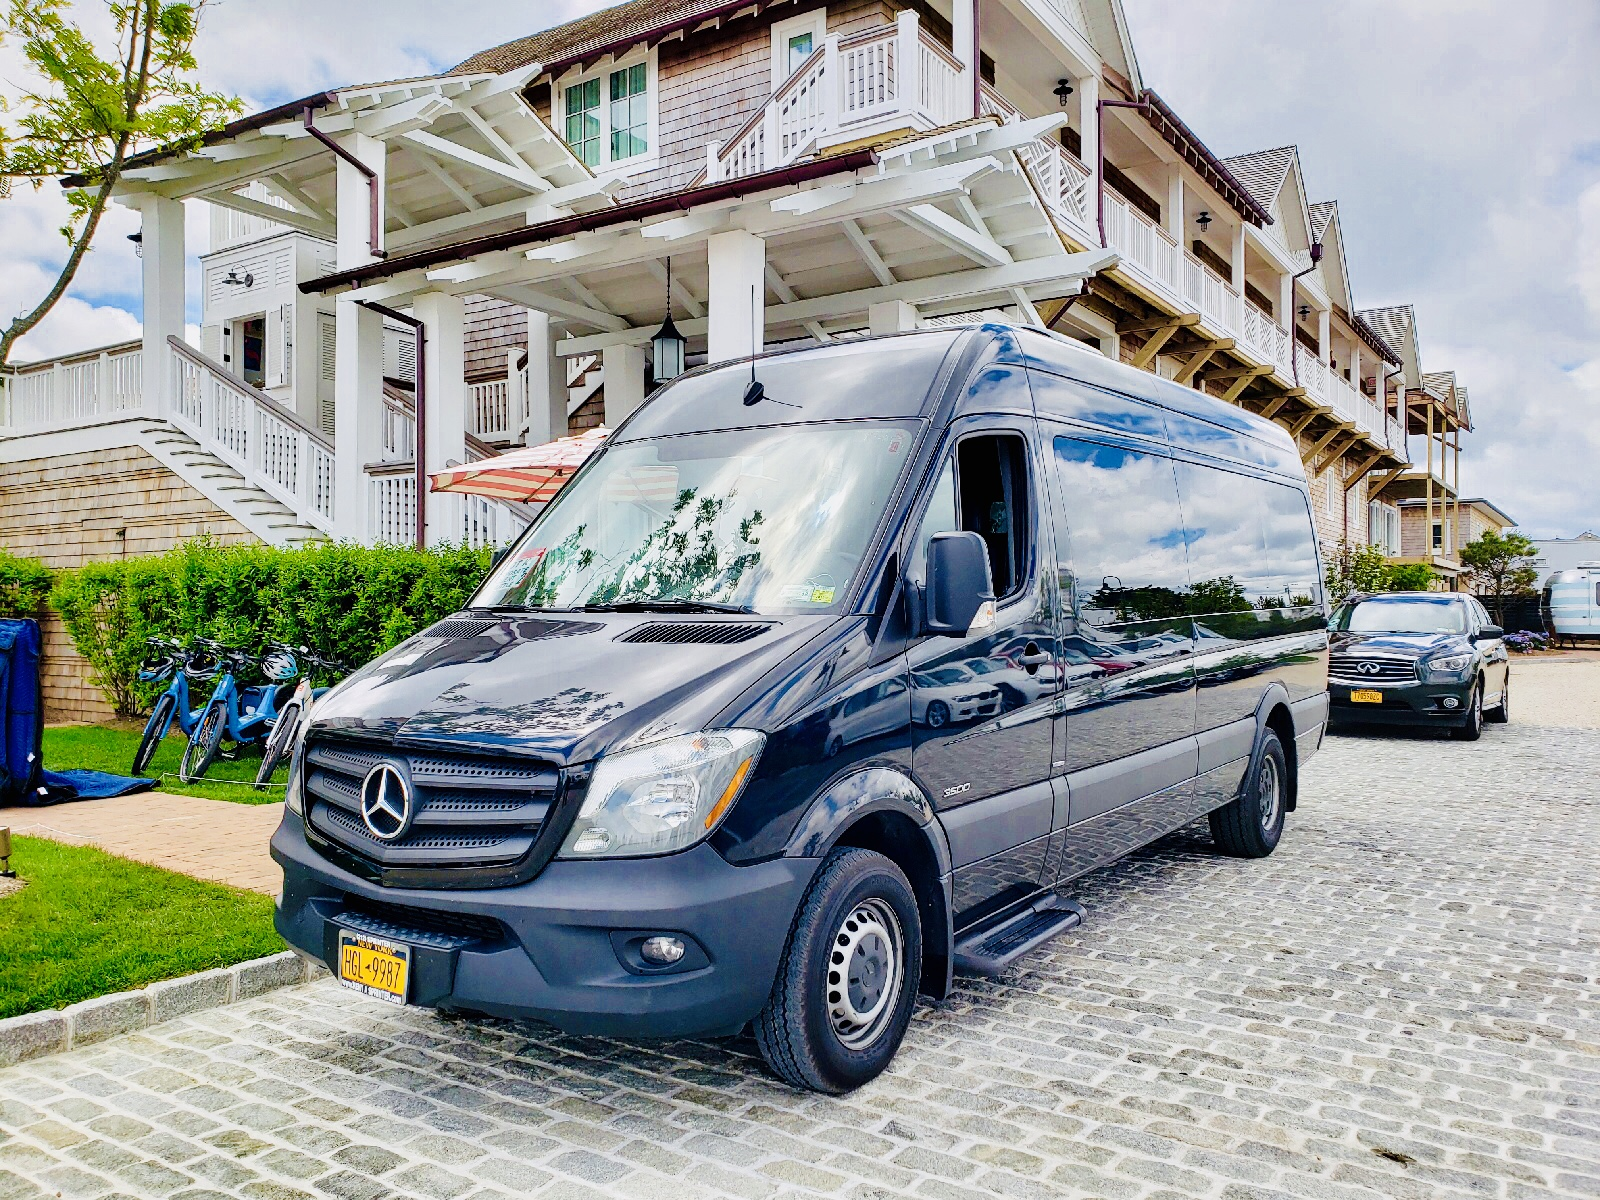 Sprinter Van Hamptons service image